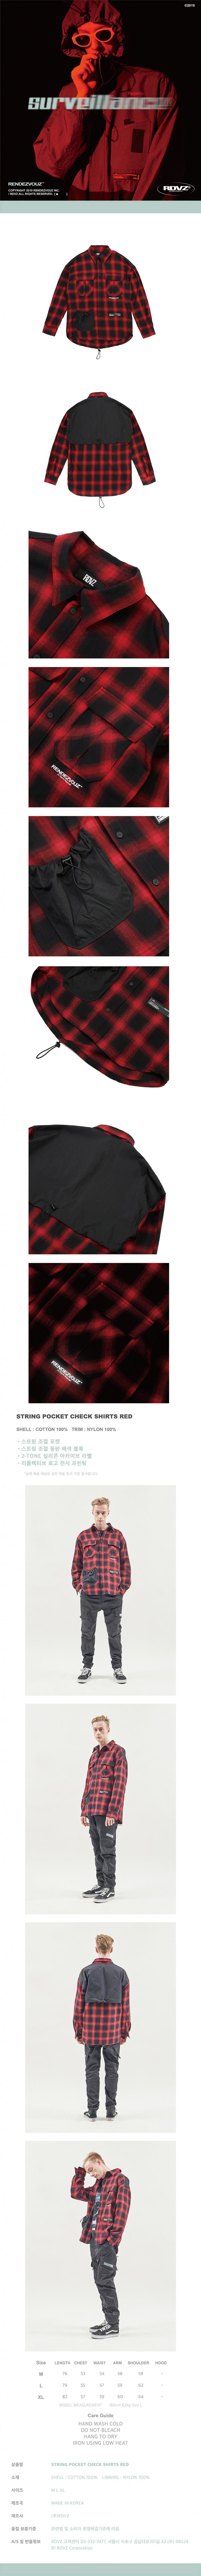 알디브이제트(RDVZ) 스트링 포켓 체크 셔츠 레드